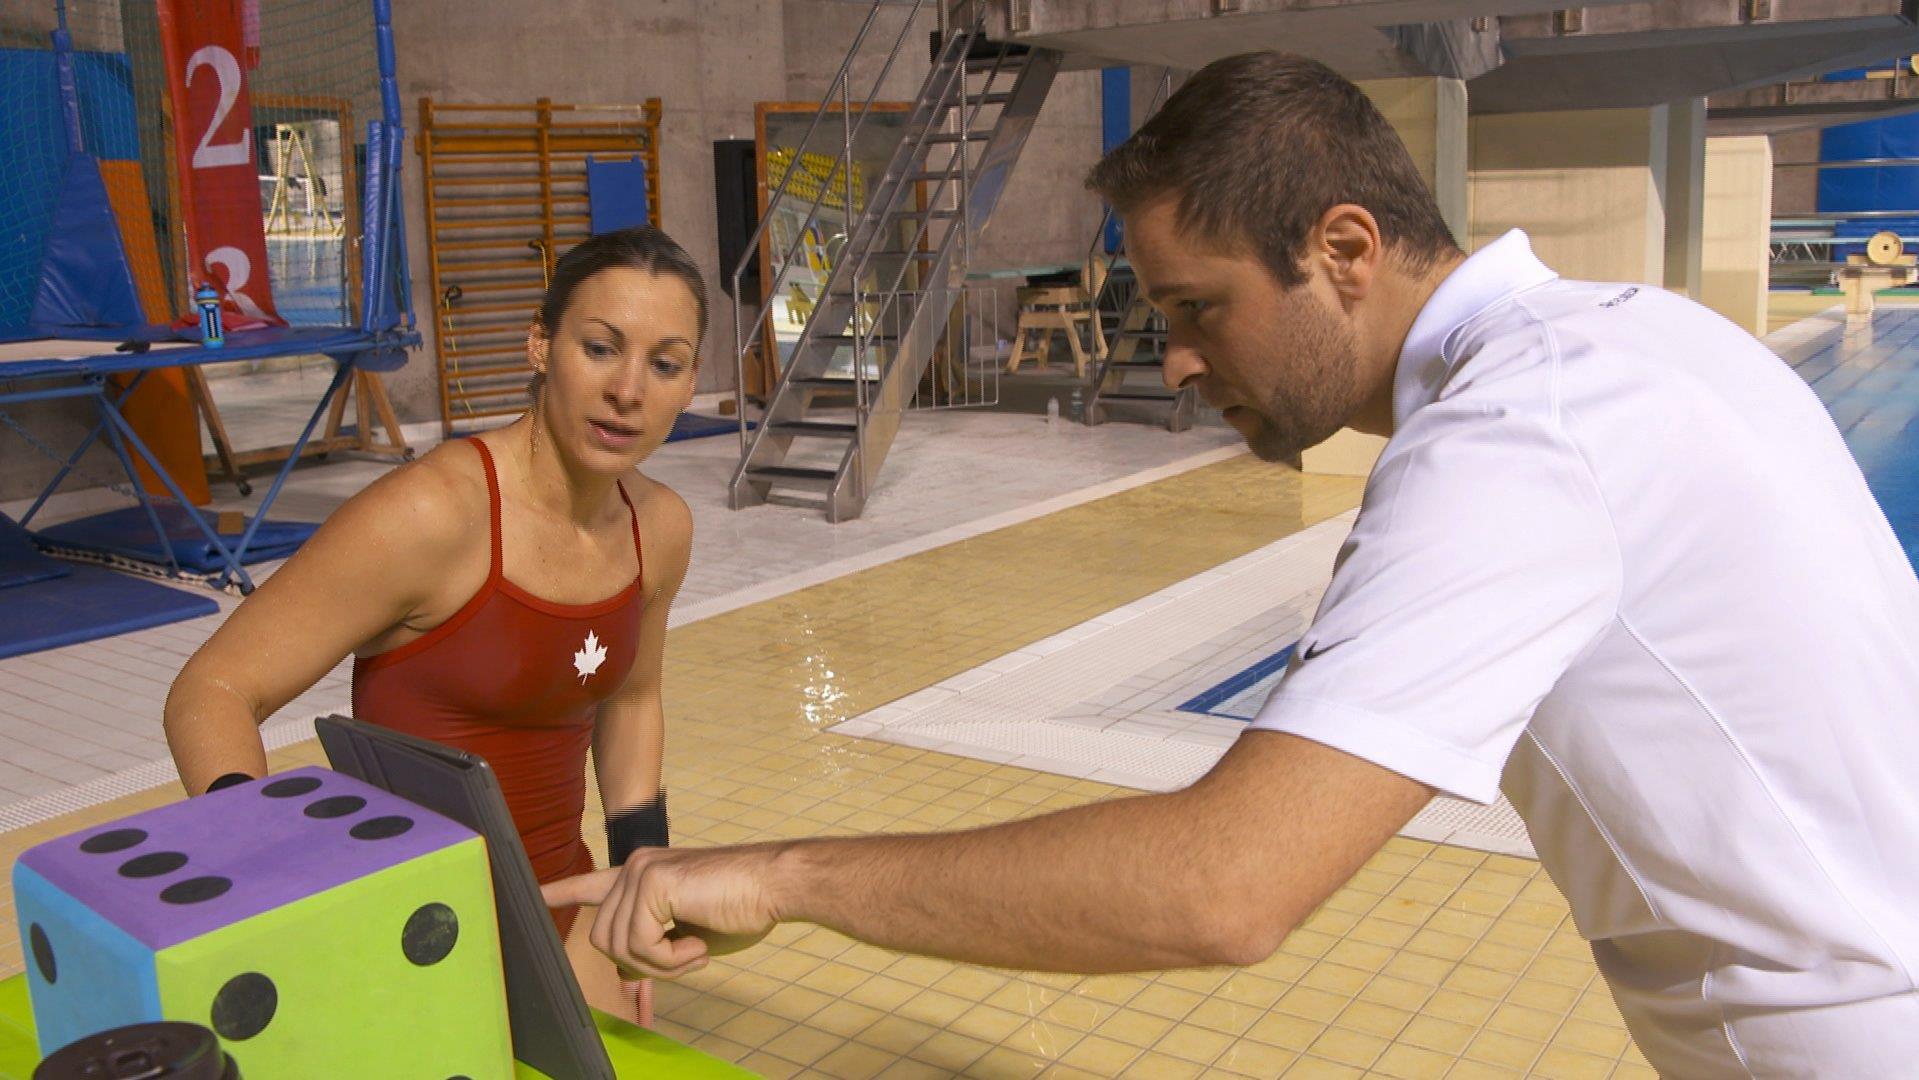 Lysanne Richard s'entraîne au Complexe sportif Claude-Robillard de Montréal en compagnie de Stéphane Lapointe, entraîneur-chef du club de plongeon CAMO.